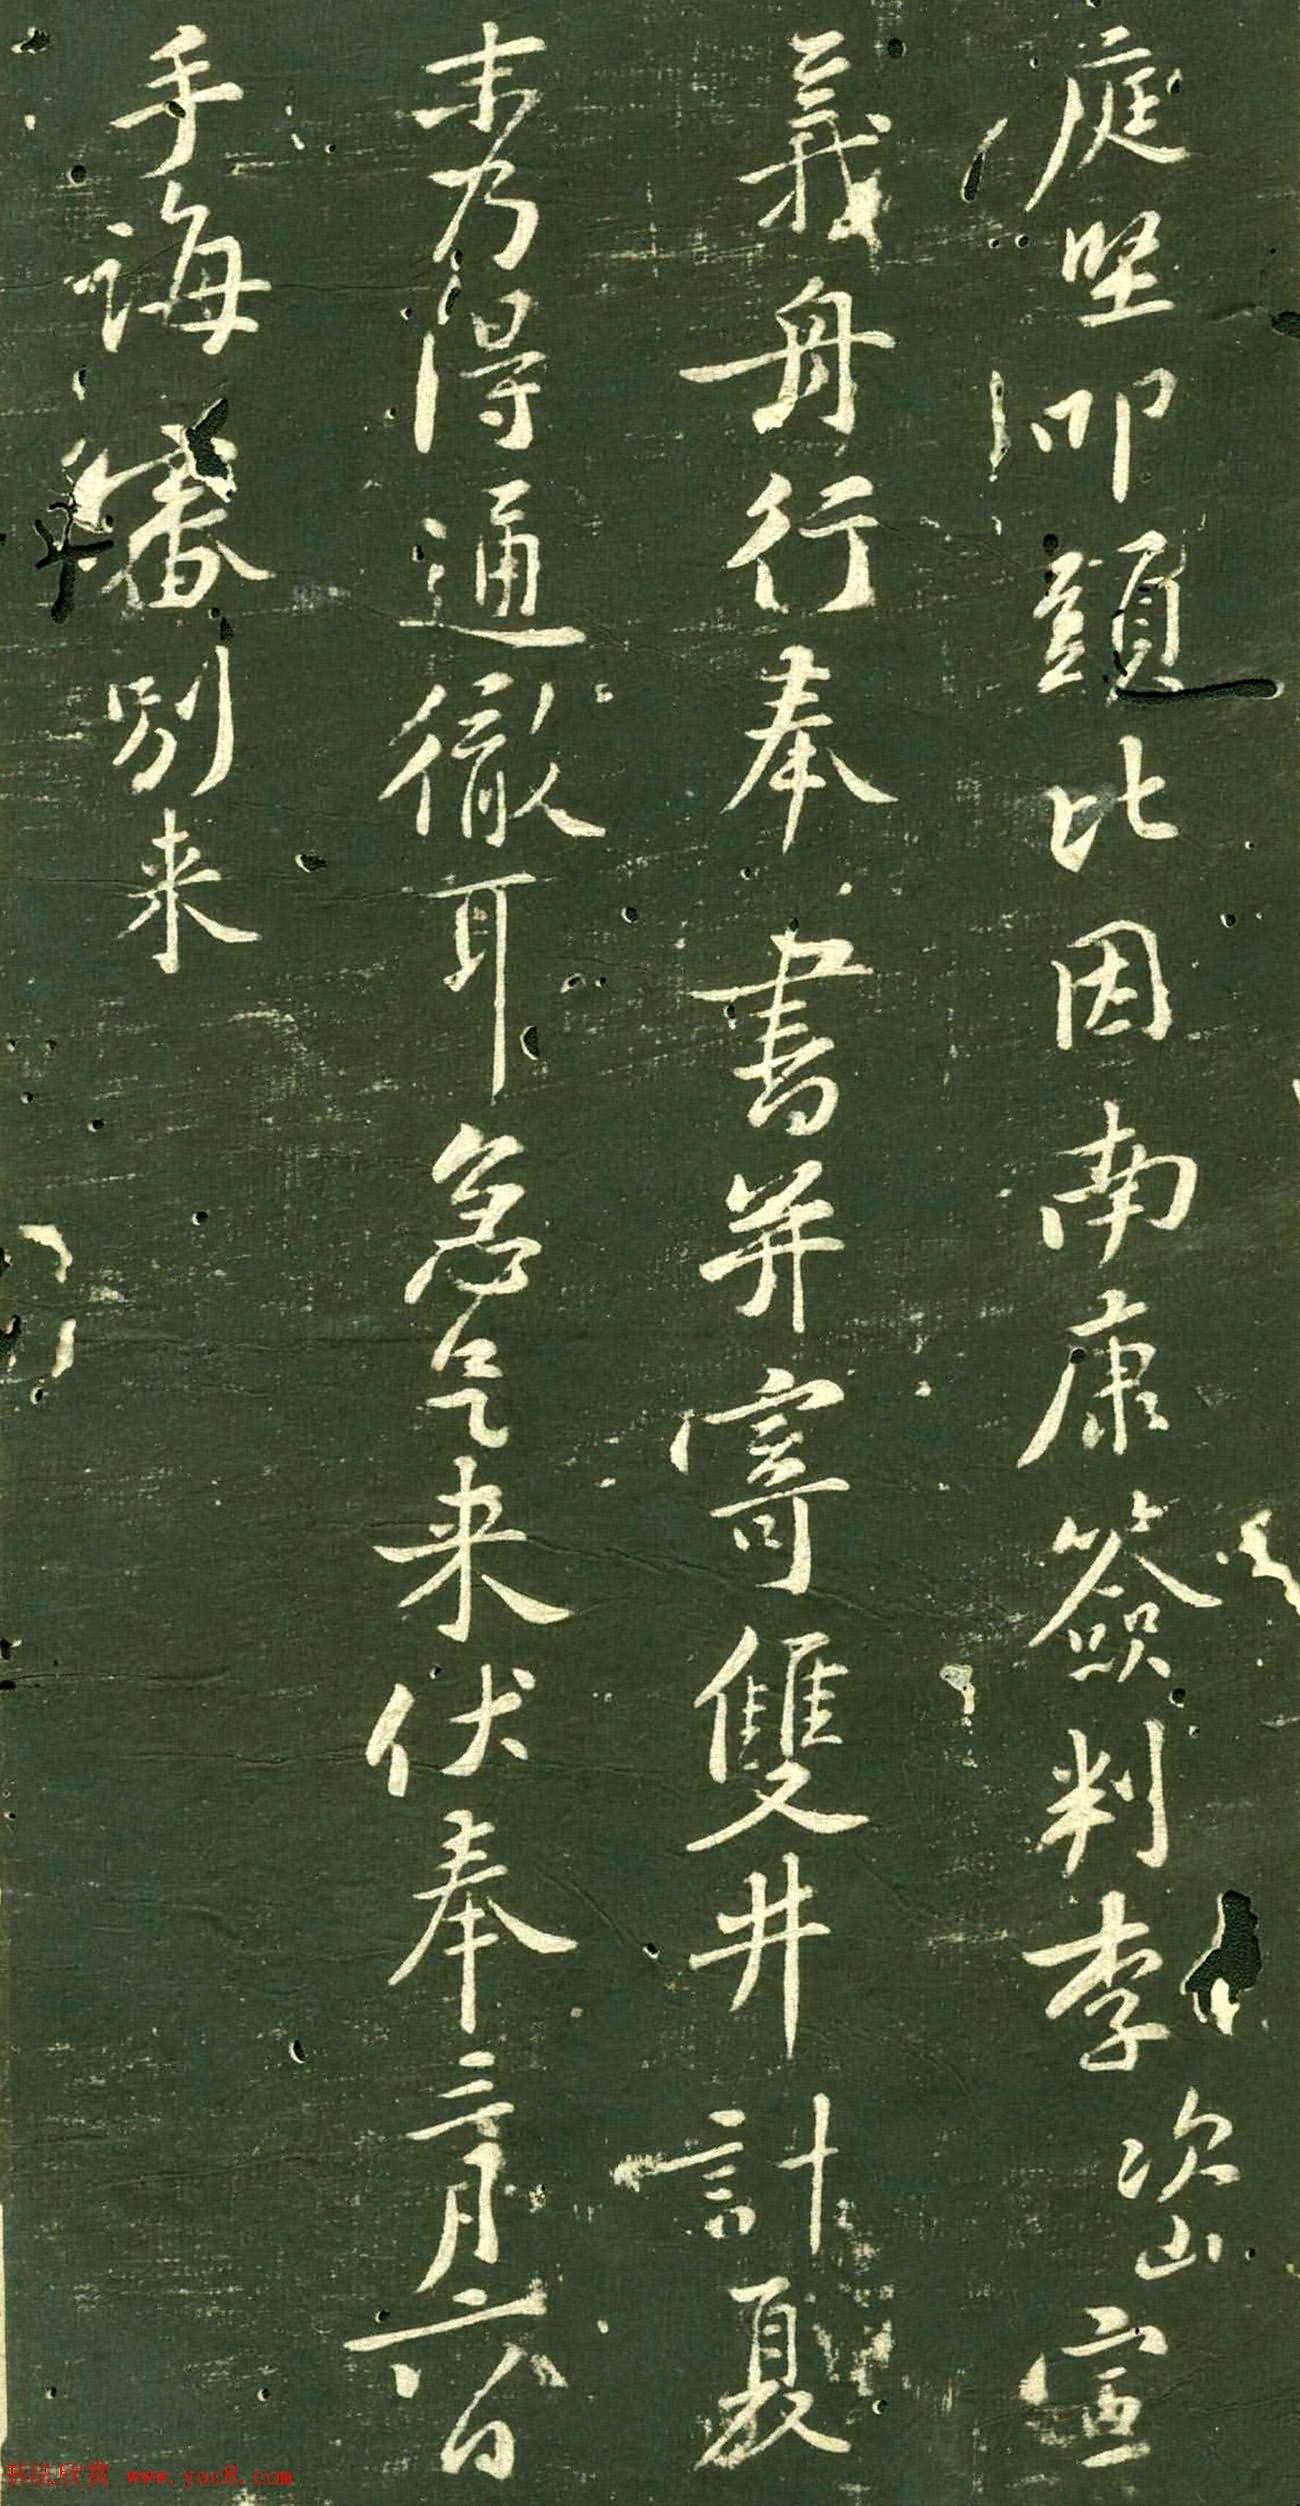 黃庭堅書法手札真跡欣賞(共12張圖片)